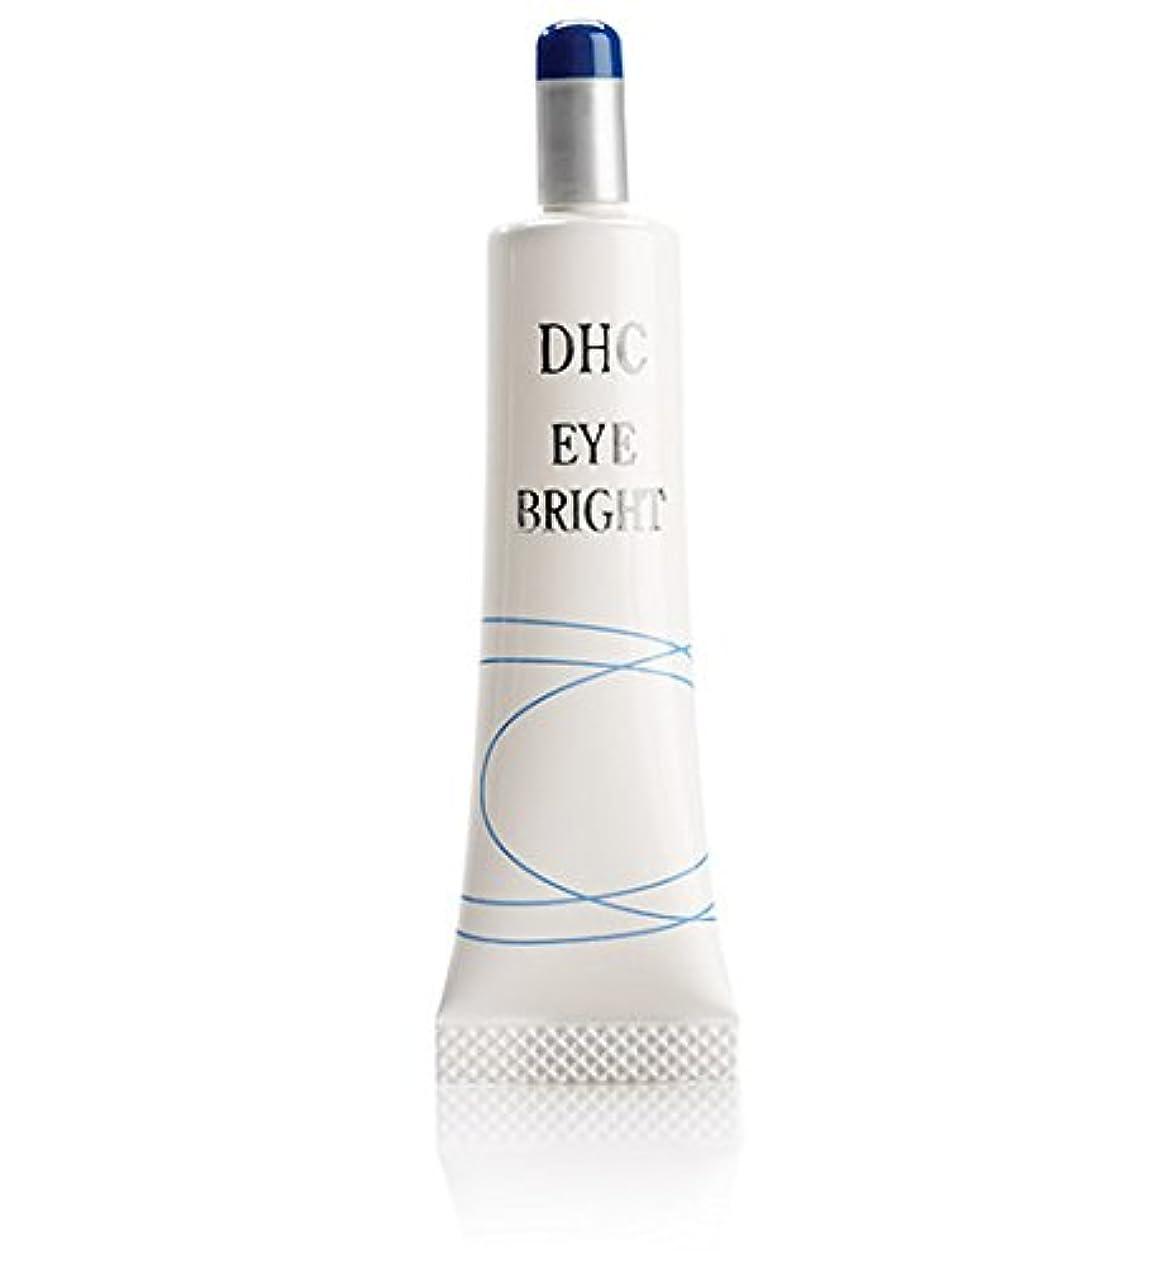 形容詞開発ブラウザ【医薬部外品】 DHC薬用アイブライト